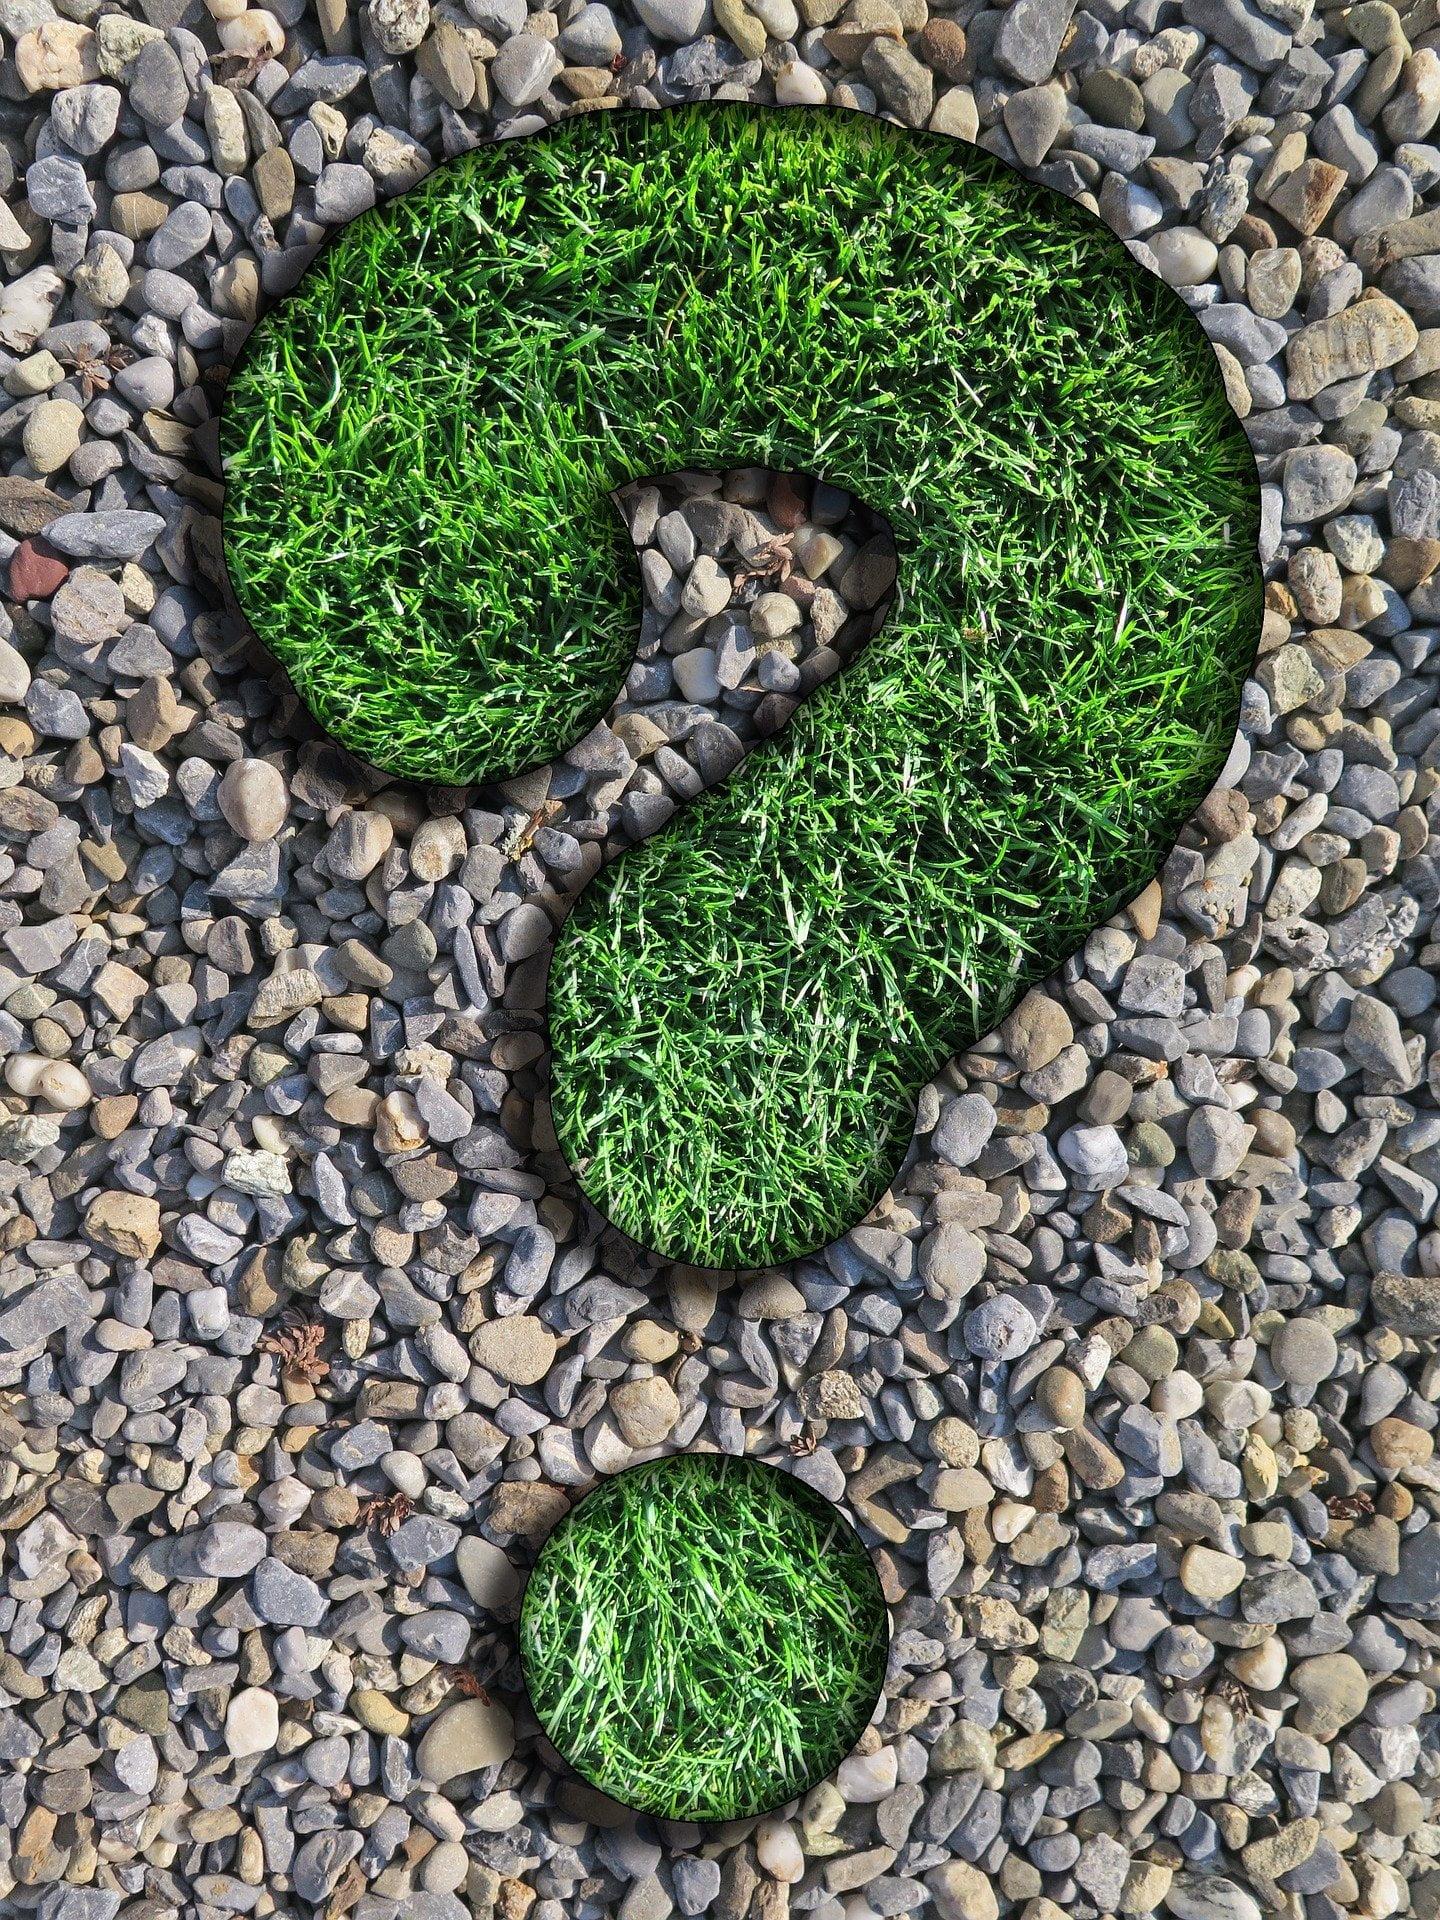 znak zapytania z trawy ułożony na drobnych kamykach